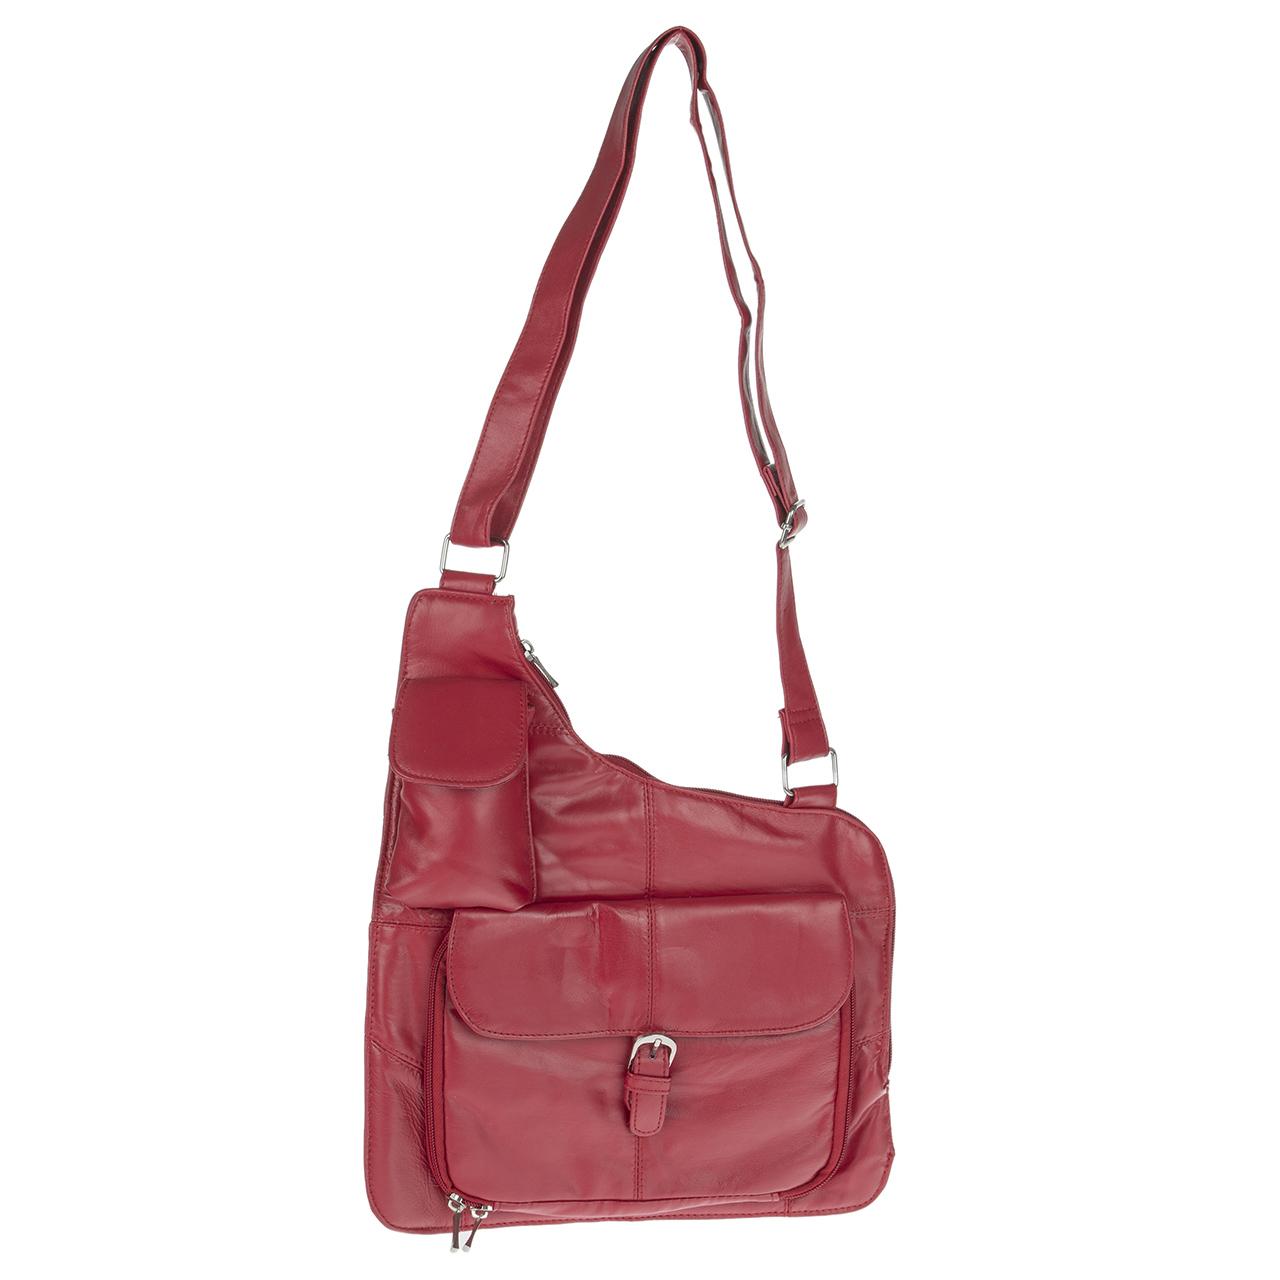 کیف خاص زنانه با جاهای متعدد و متنوع